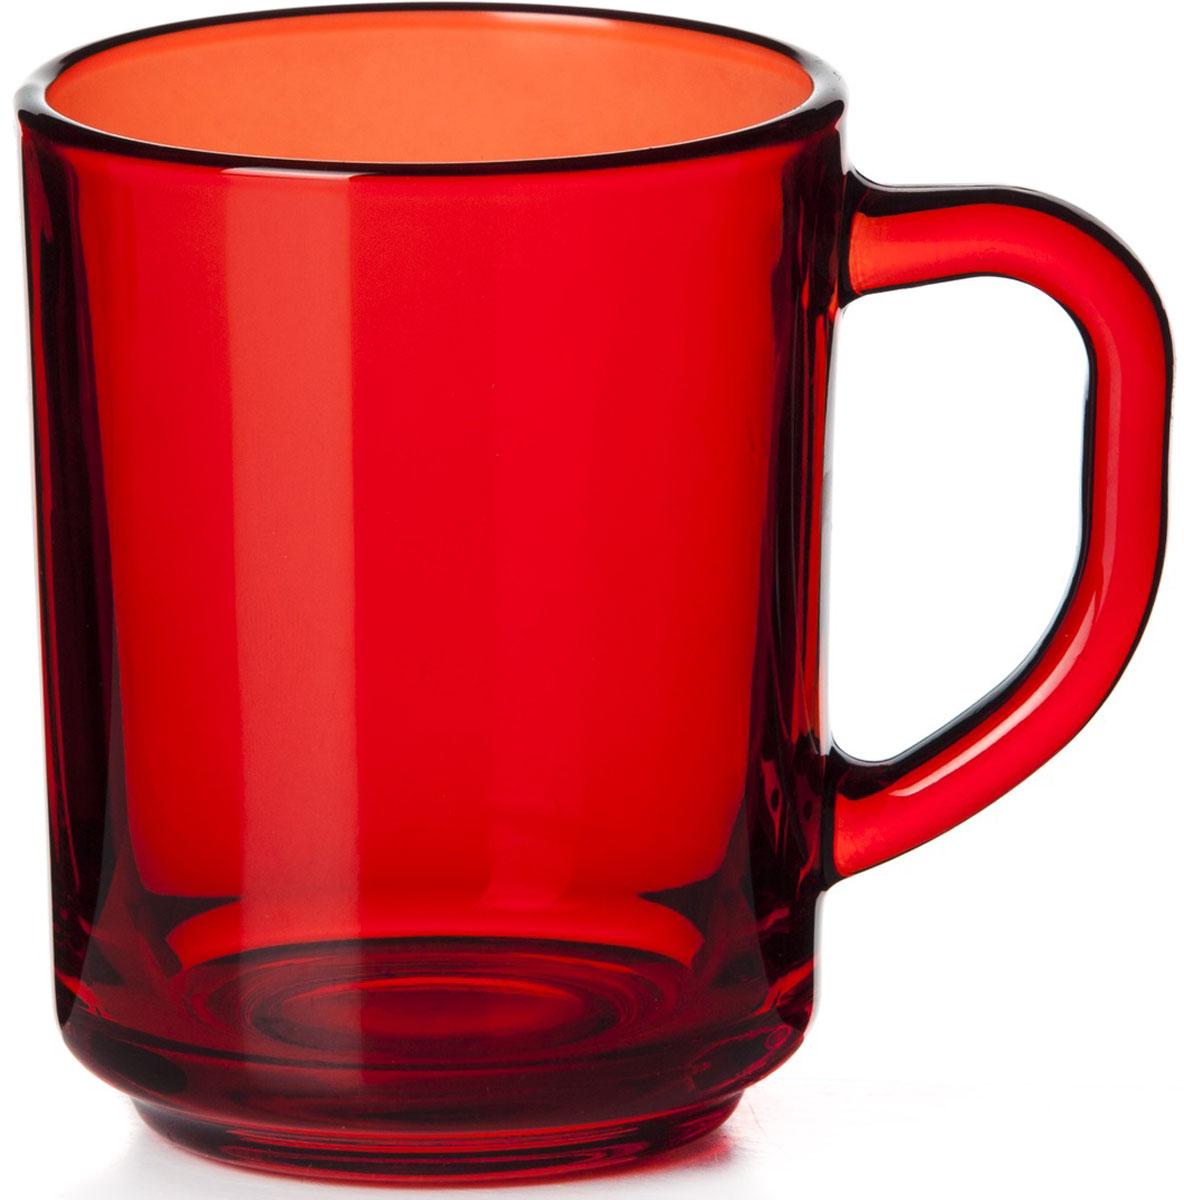 Кружка Pasabahce Энжой Рэд, цвет: красный, 250 мл